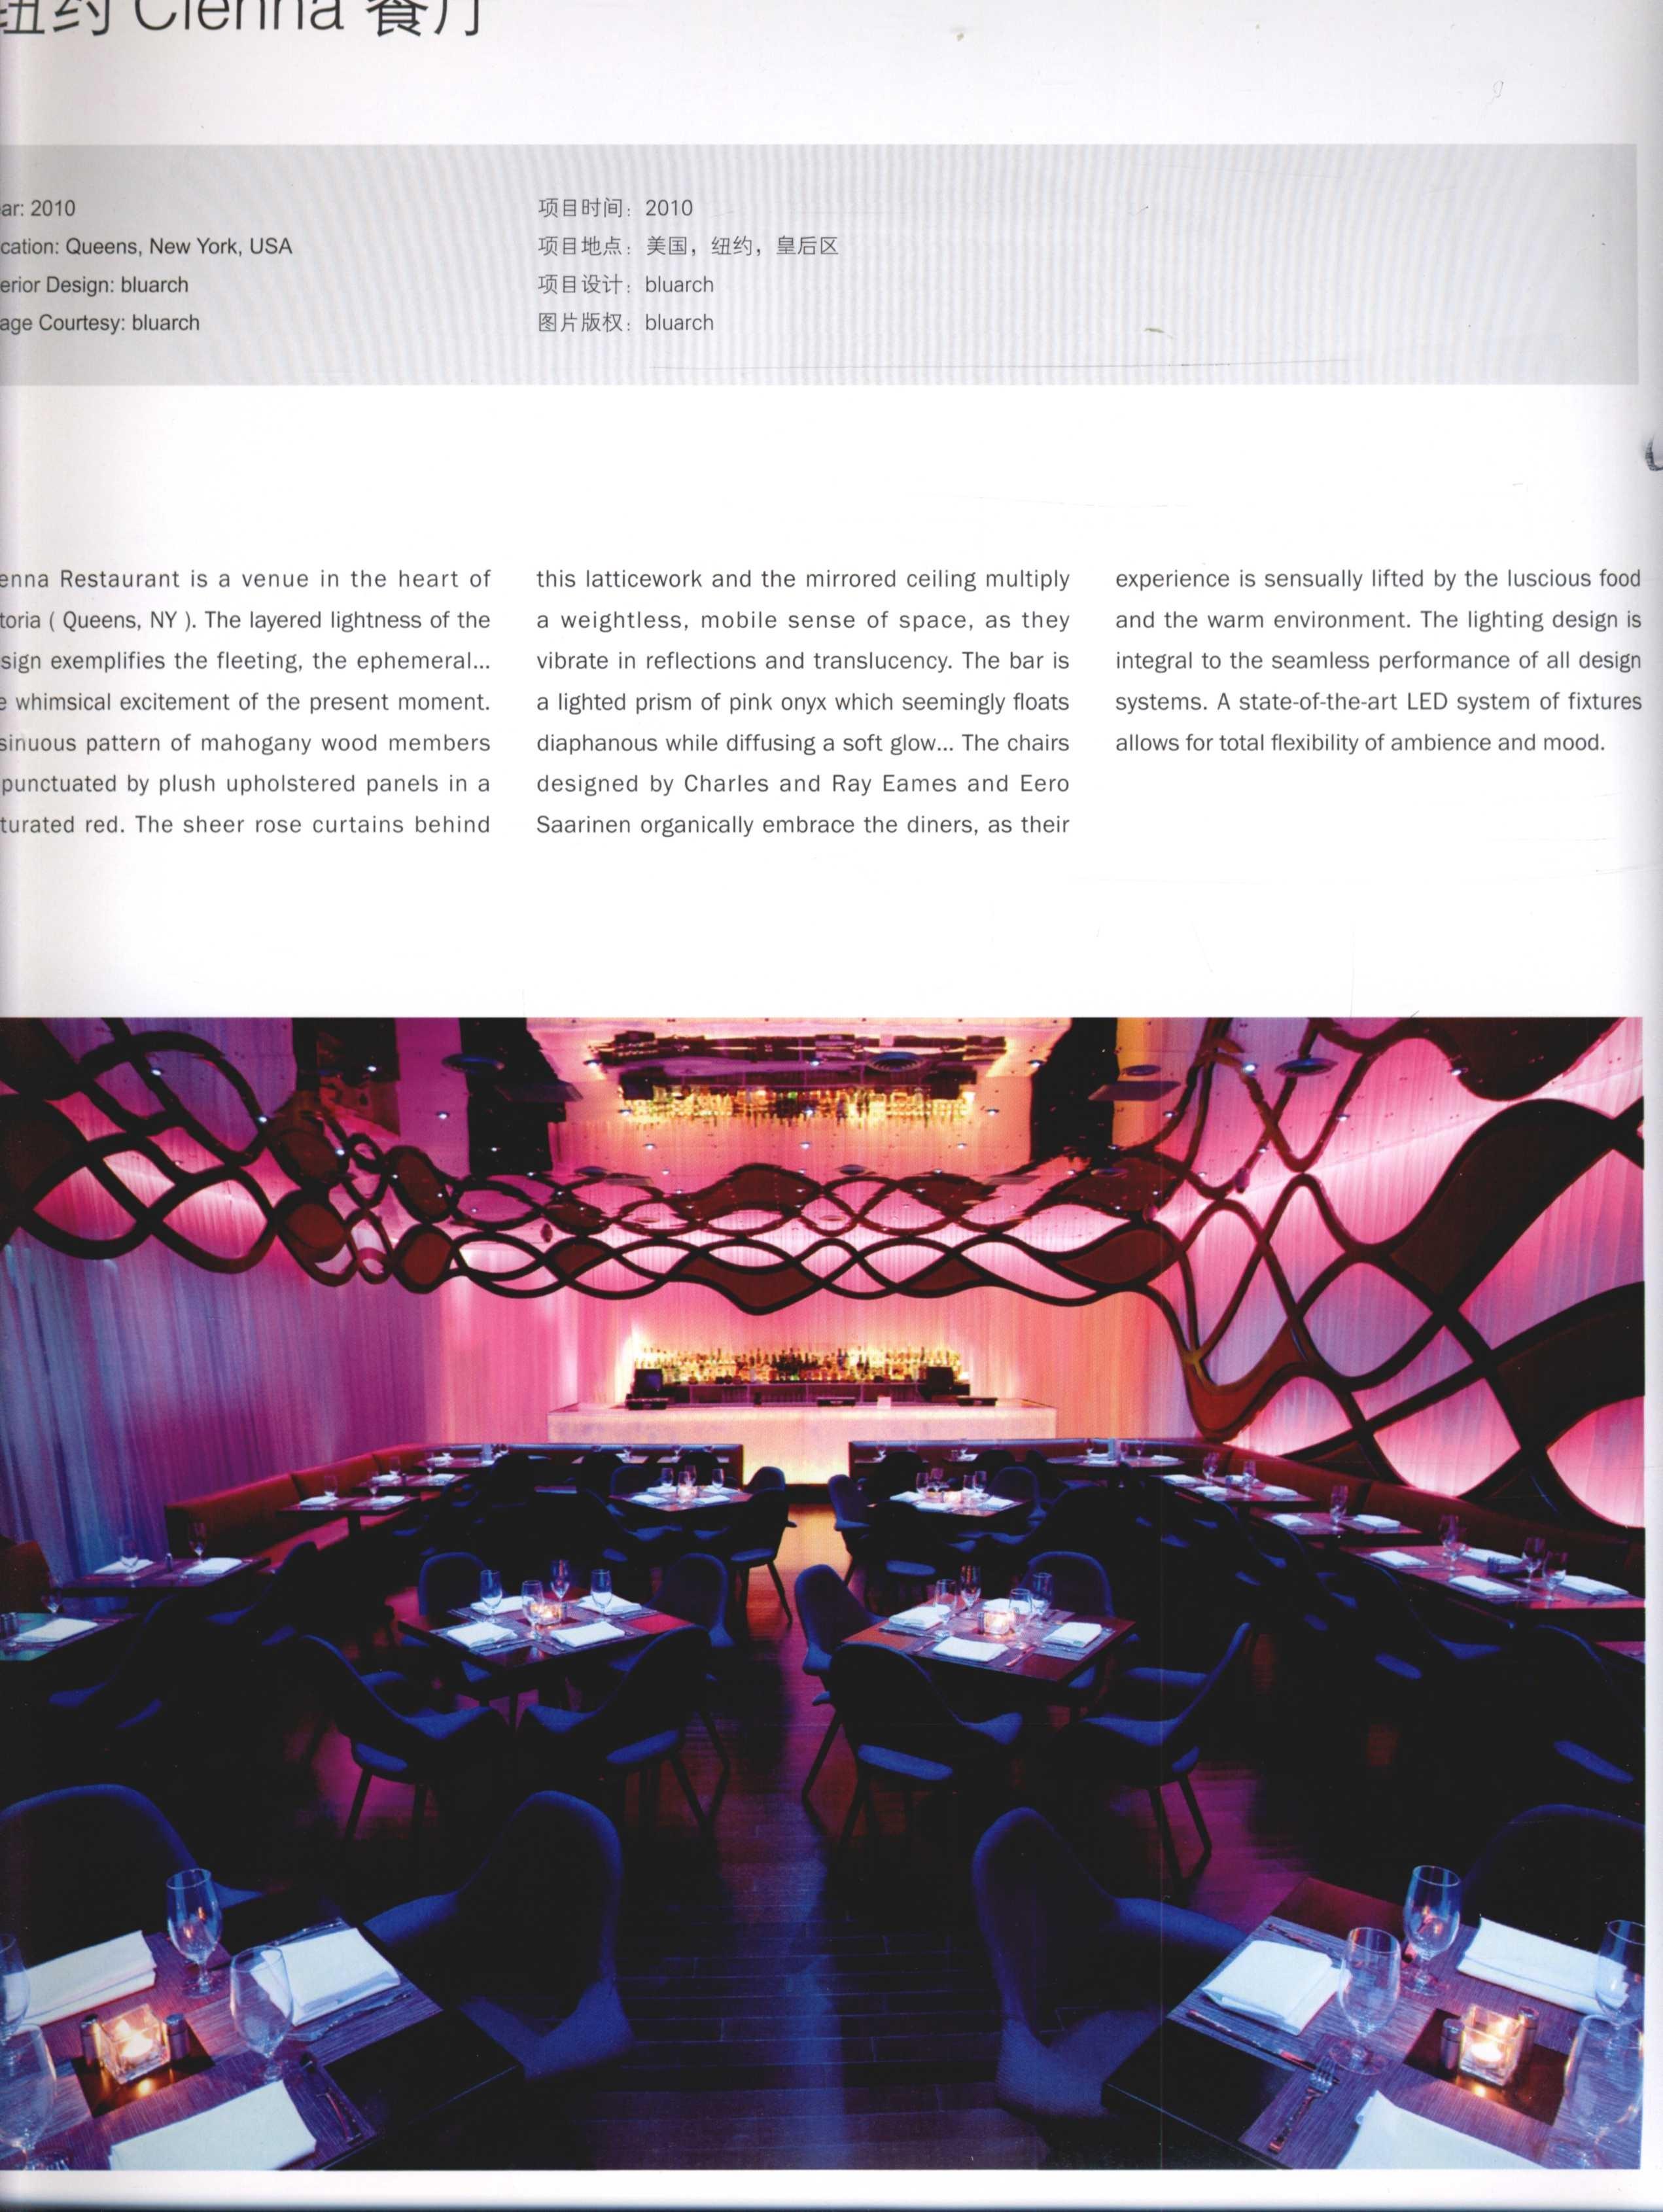 2012全球室内设计年鉴  餐饮_Page_040.jpg